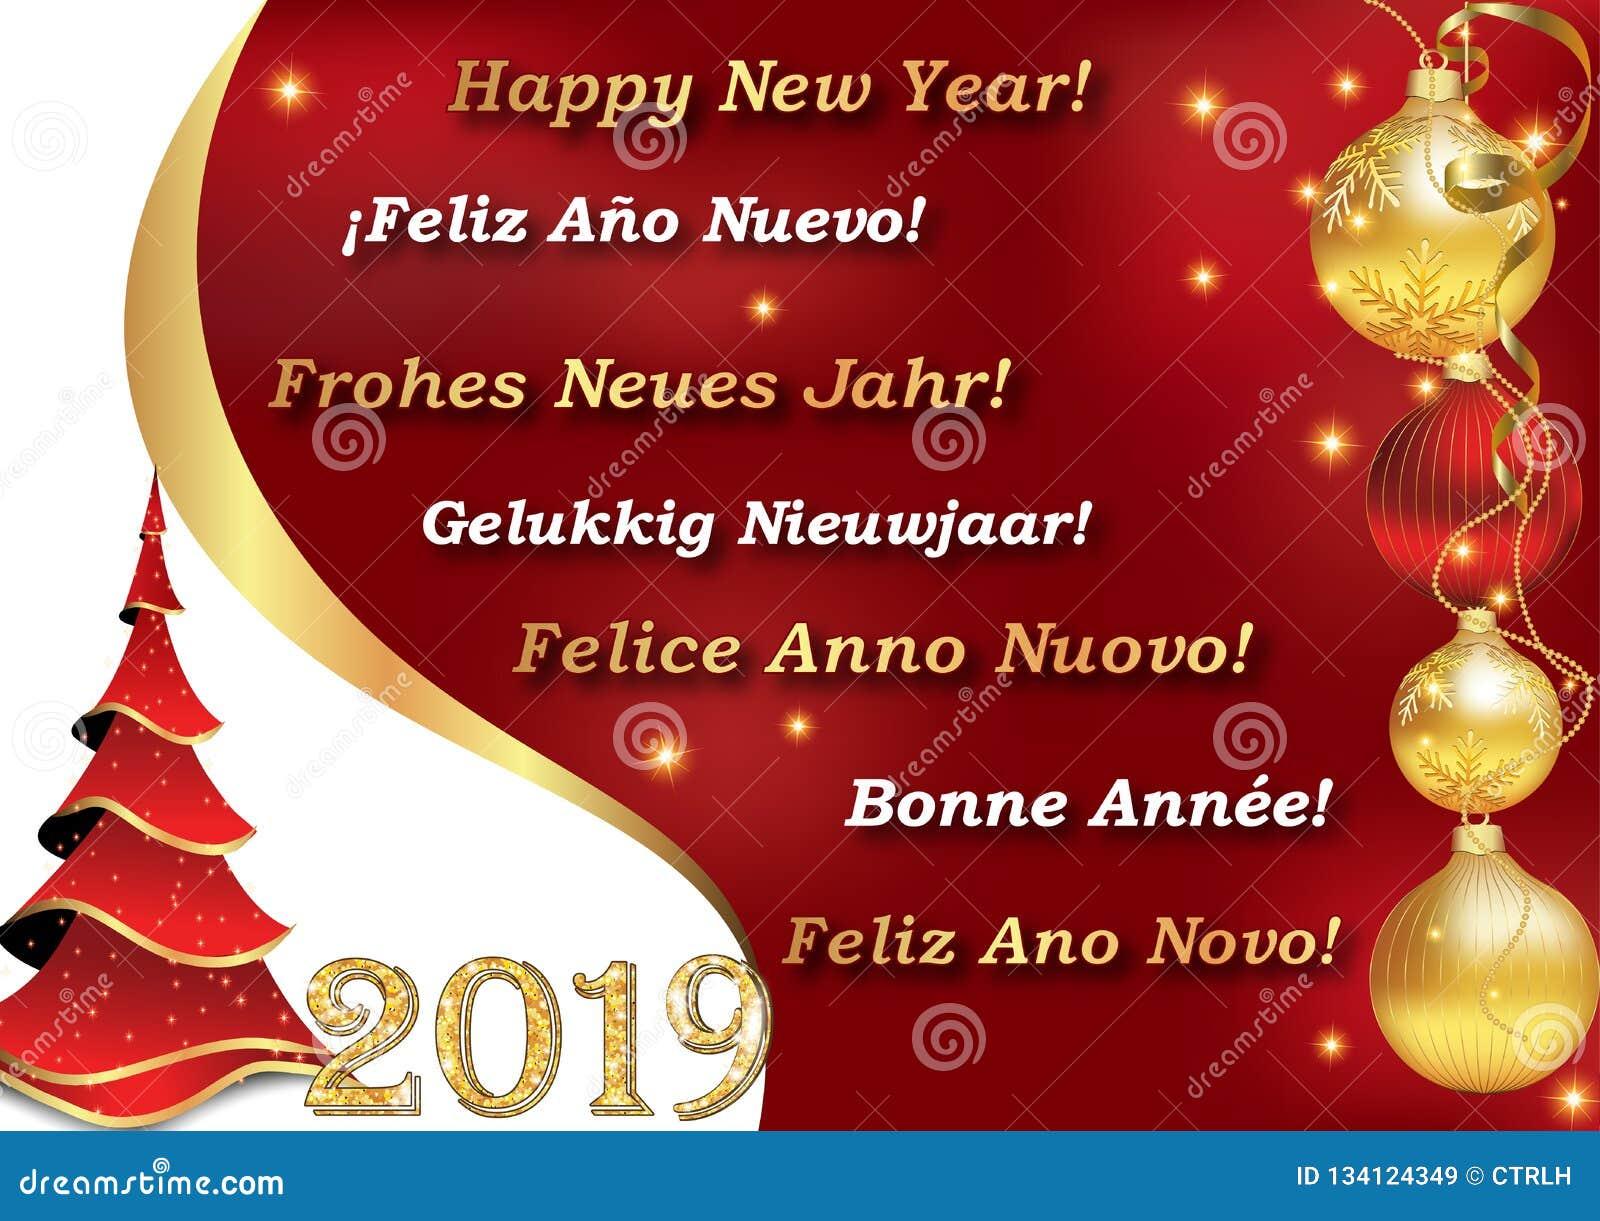 Frohe Weihnachten Und Ein Gutes Neues Jahr Holländisch.Guten Rutsch Ins Neue Jahr 2019 Geschrieben In 7 Sprachen Stock